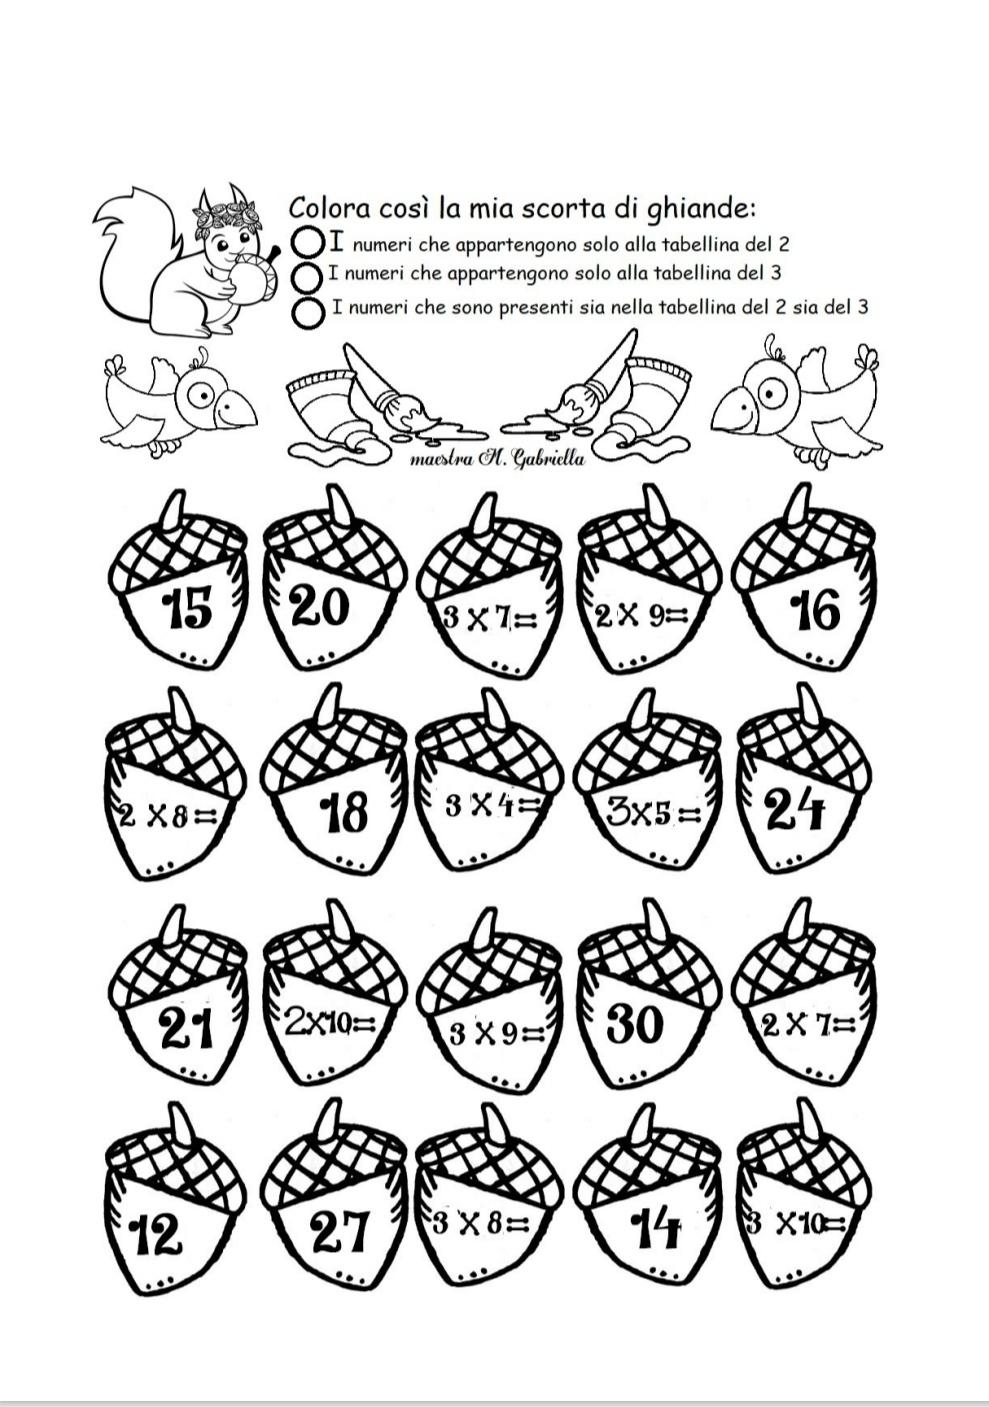 esercizi matematica seconda elementare da stampare-Matematica creativa con ghiande e scoiattoli